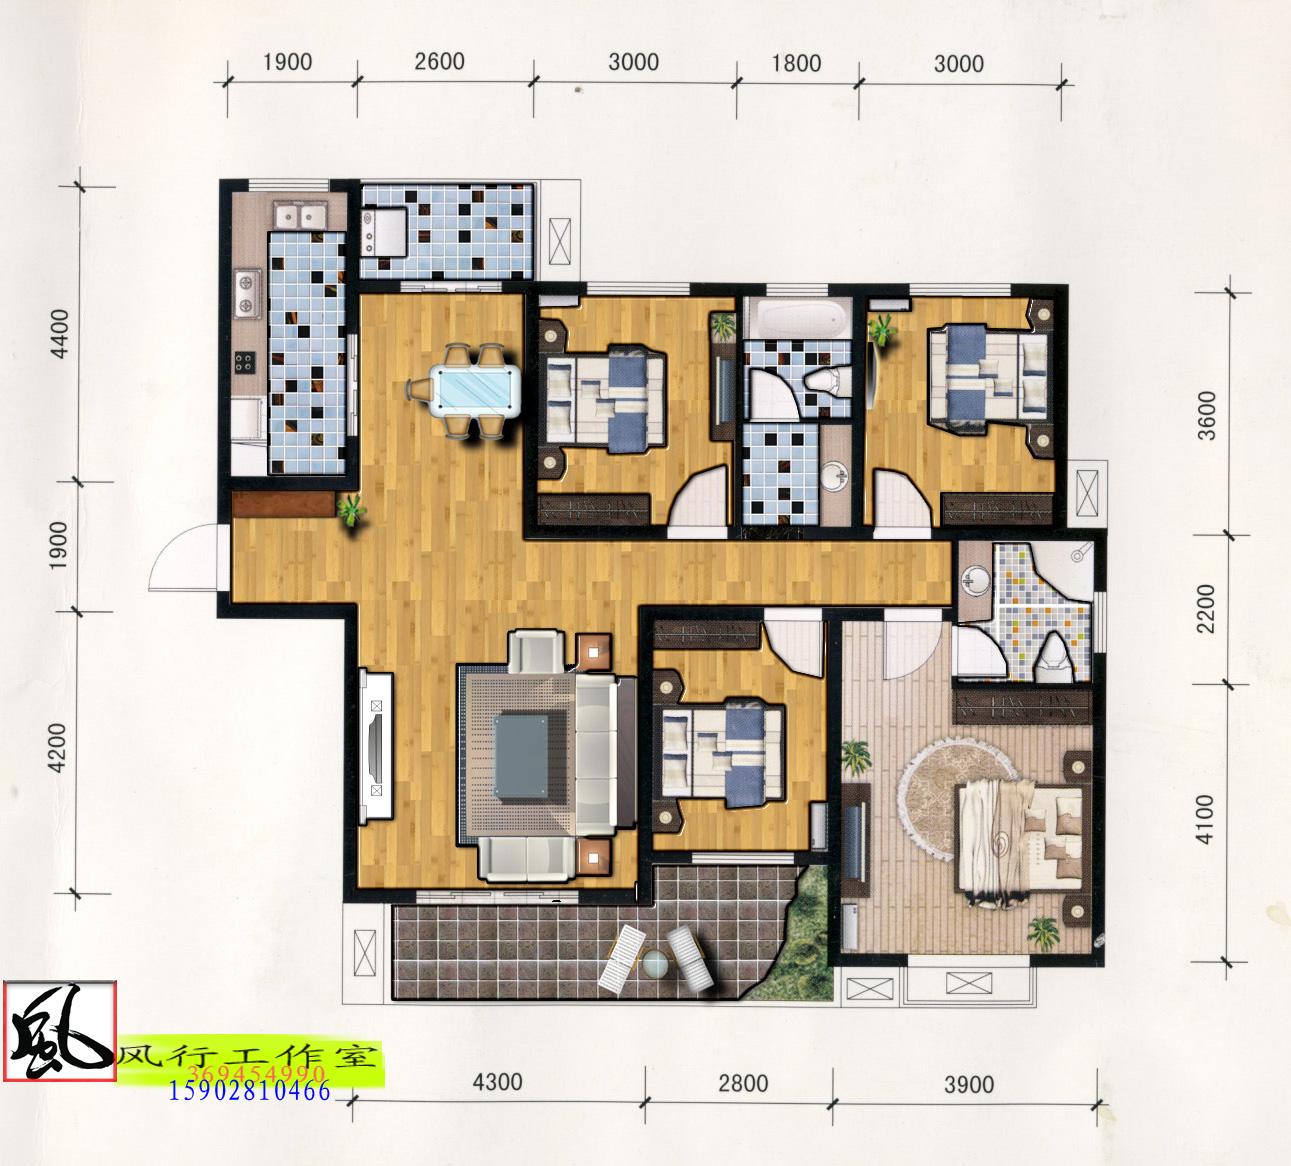 120平米房子 装修设计图四室两厅 1650元 k6